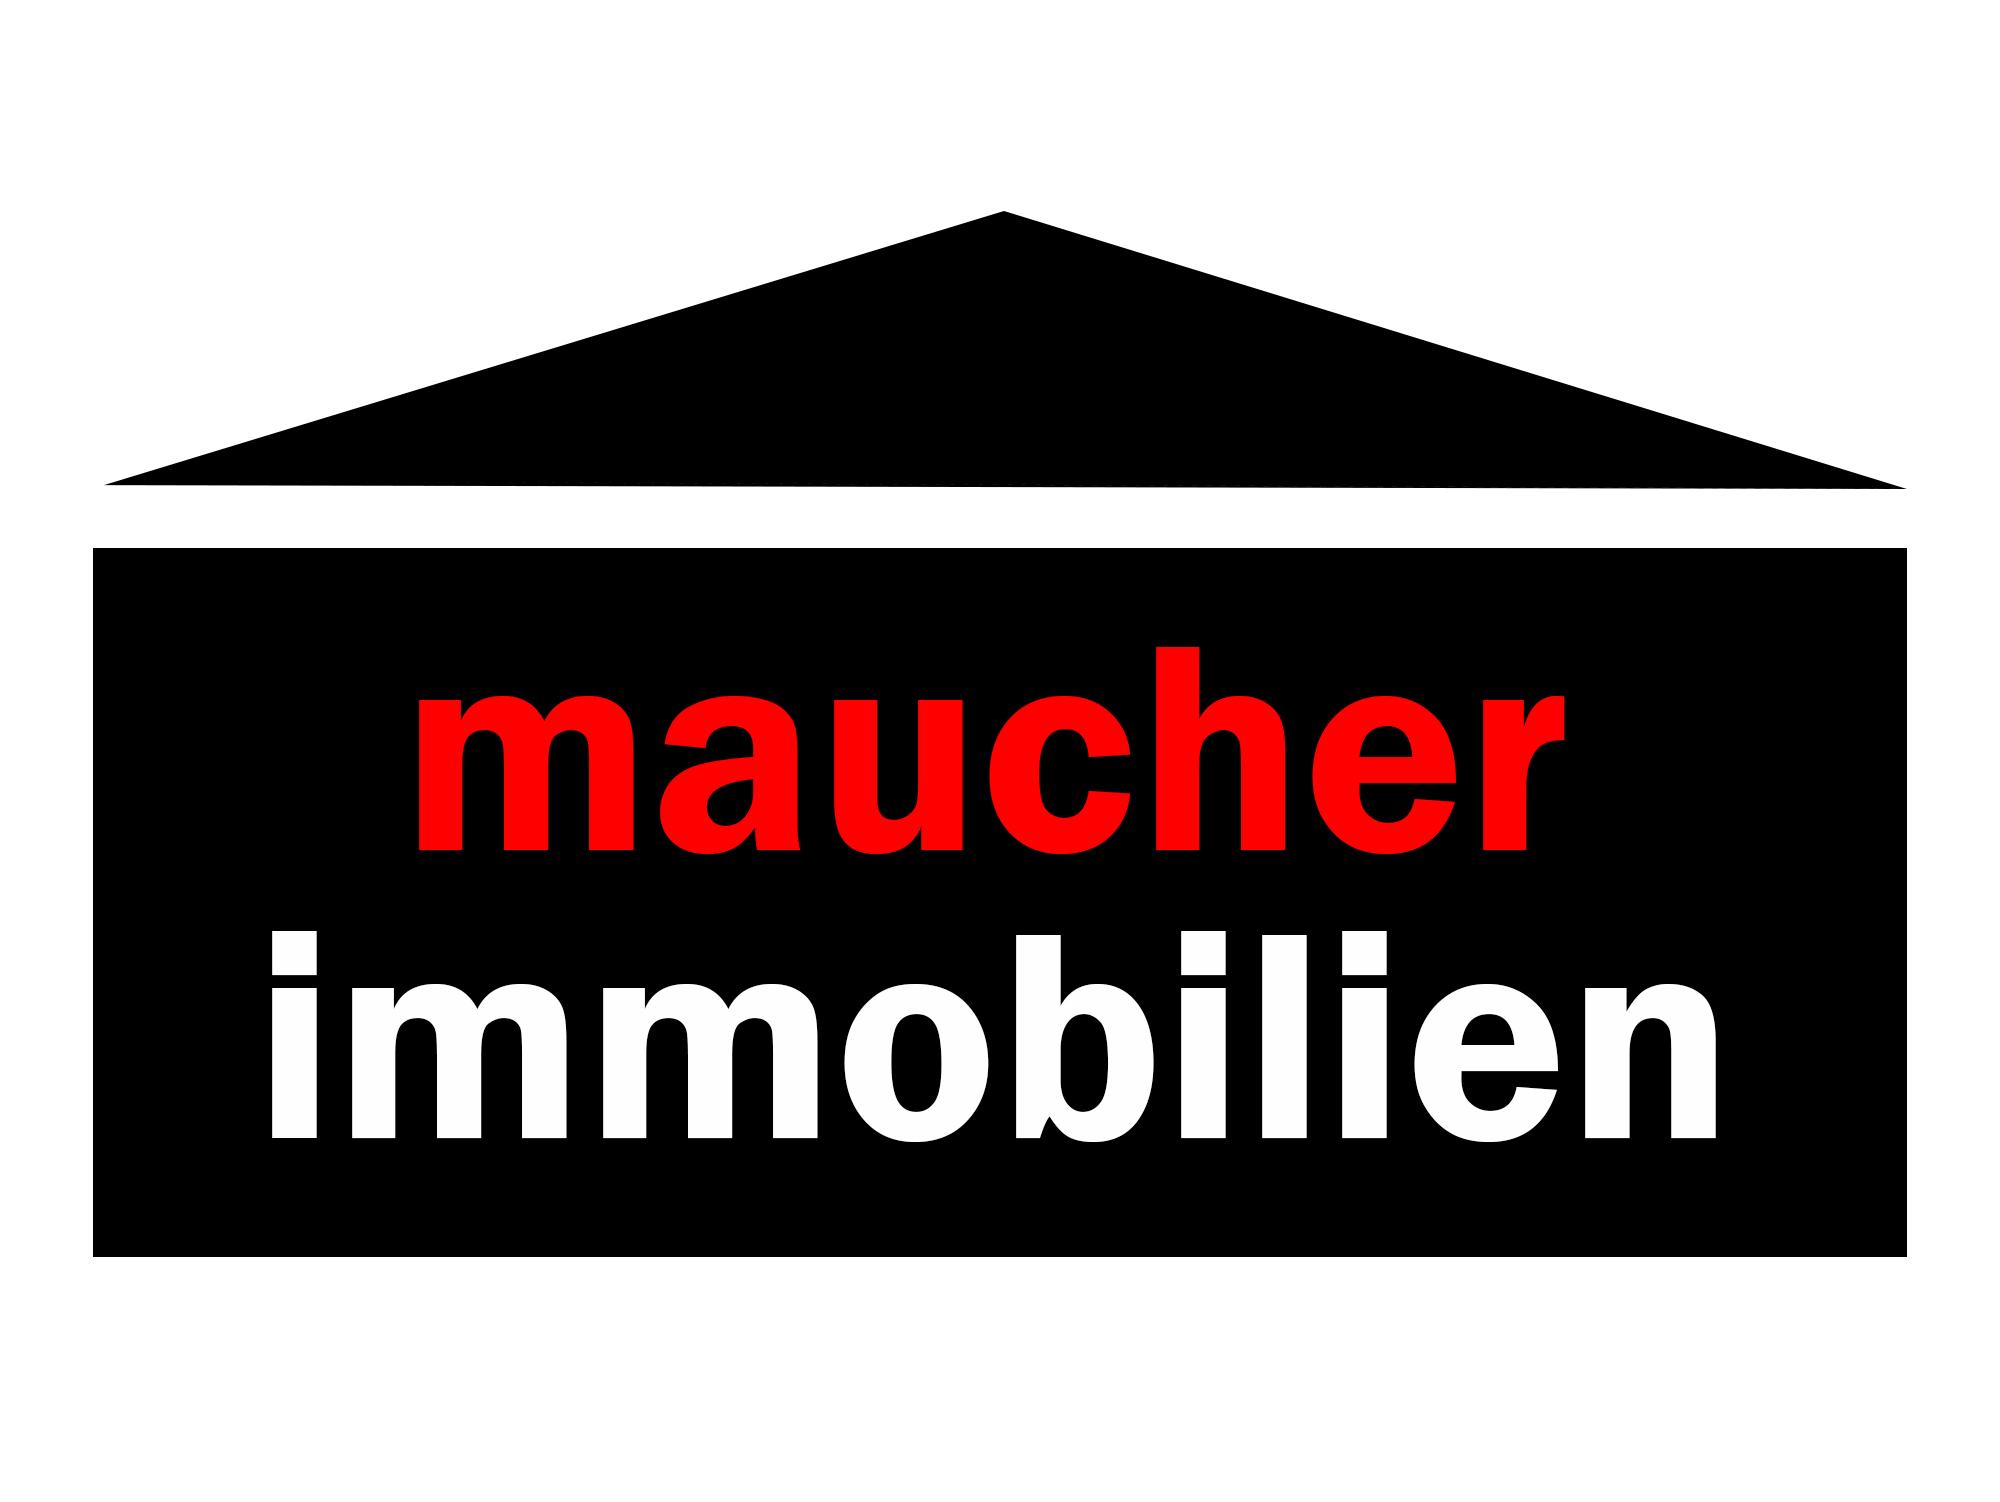 maucher immobilien logo